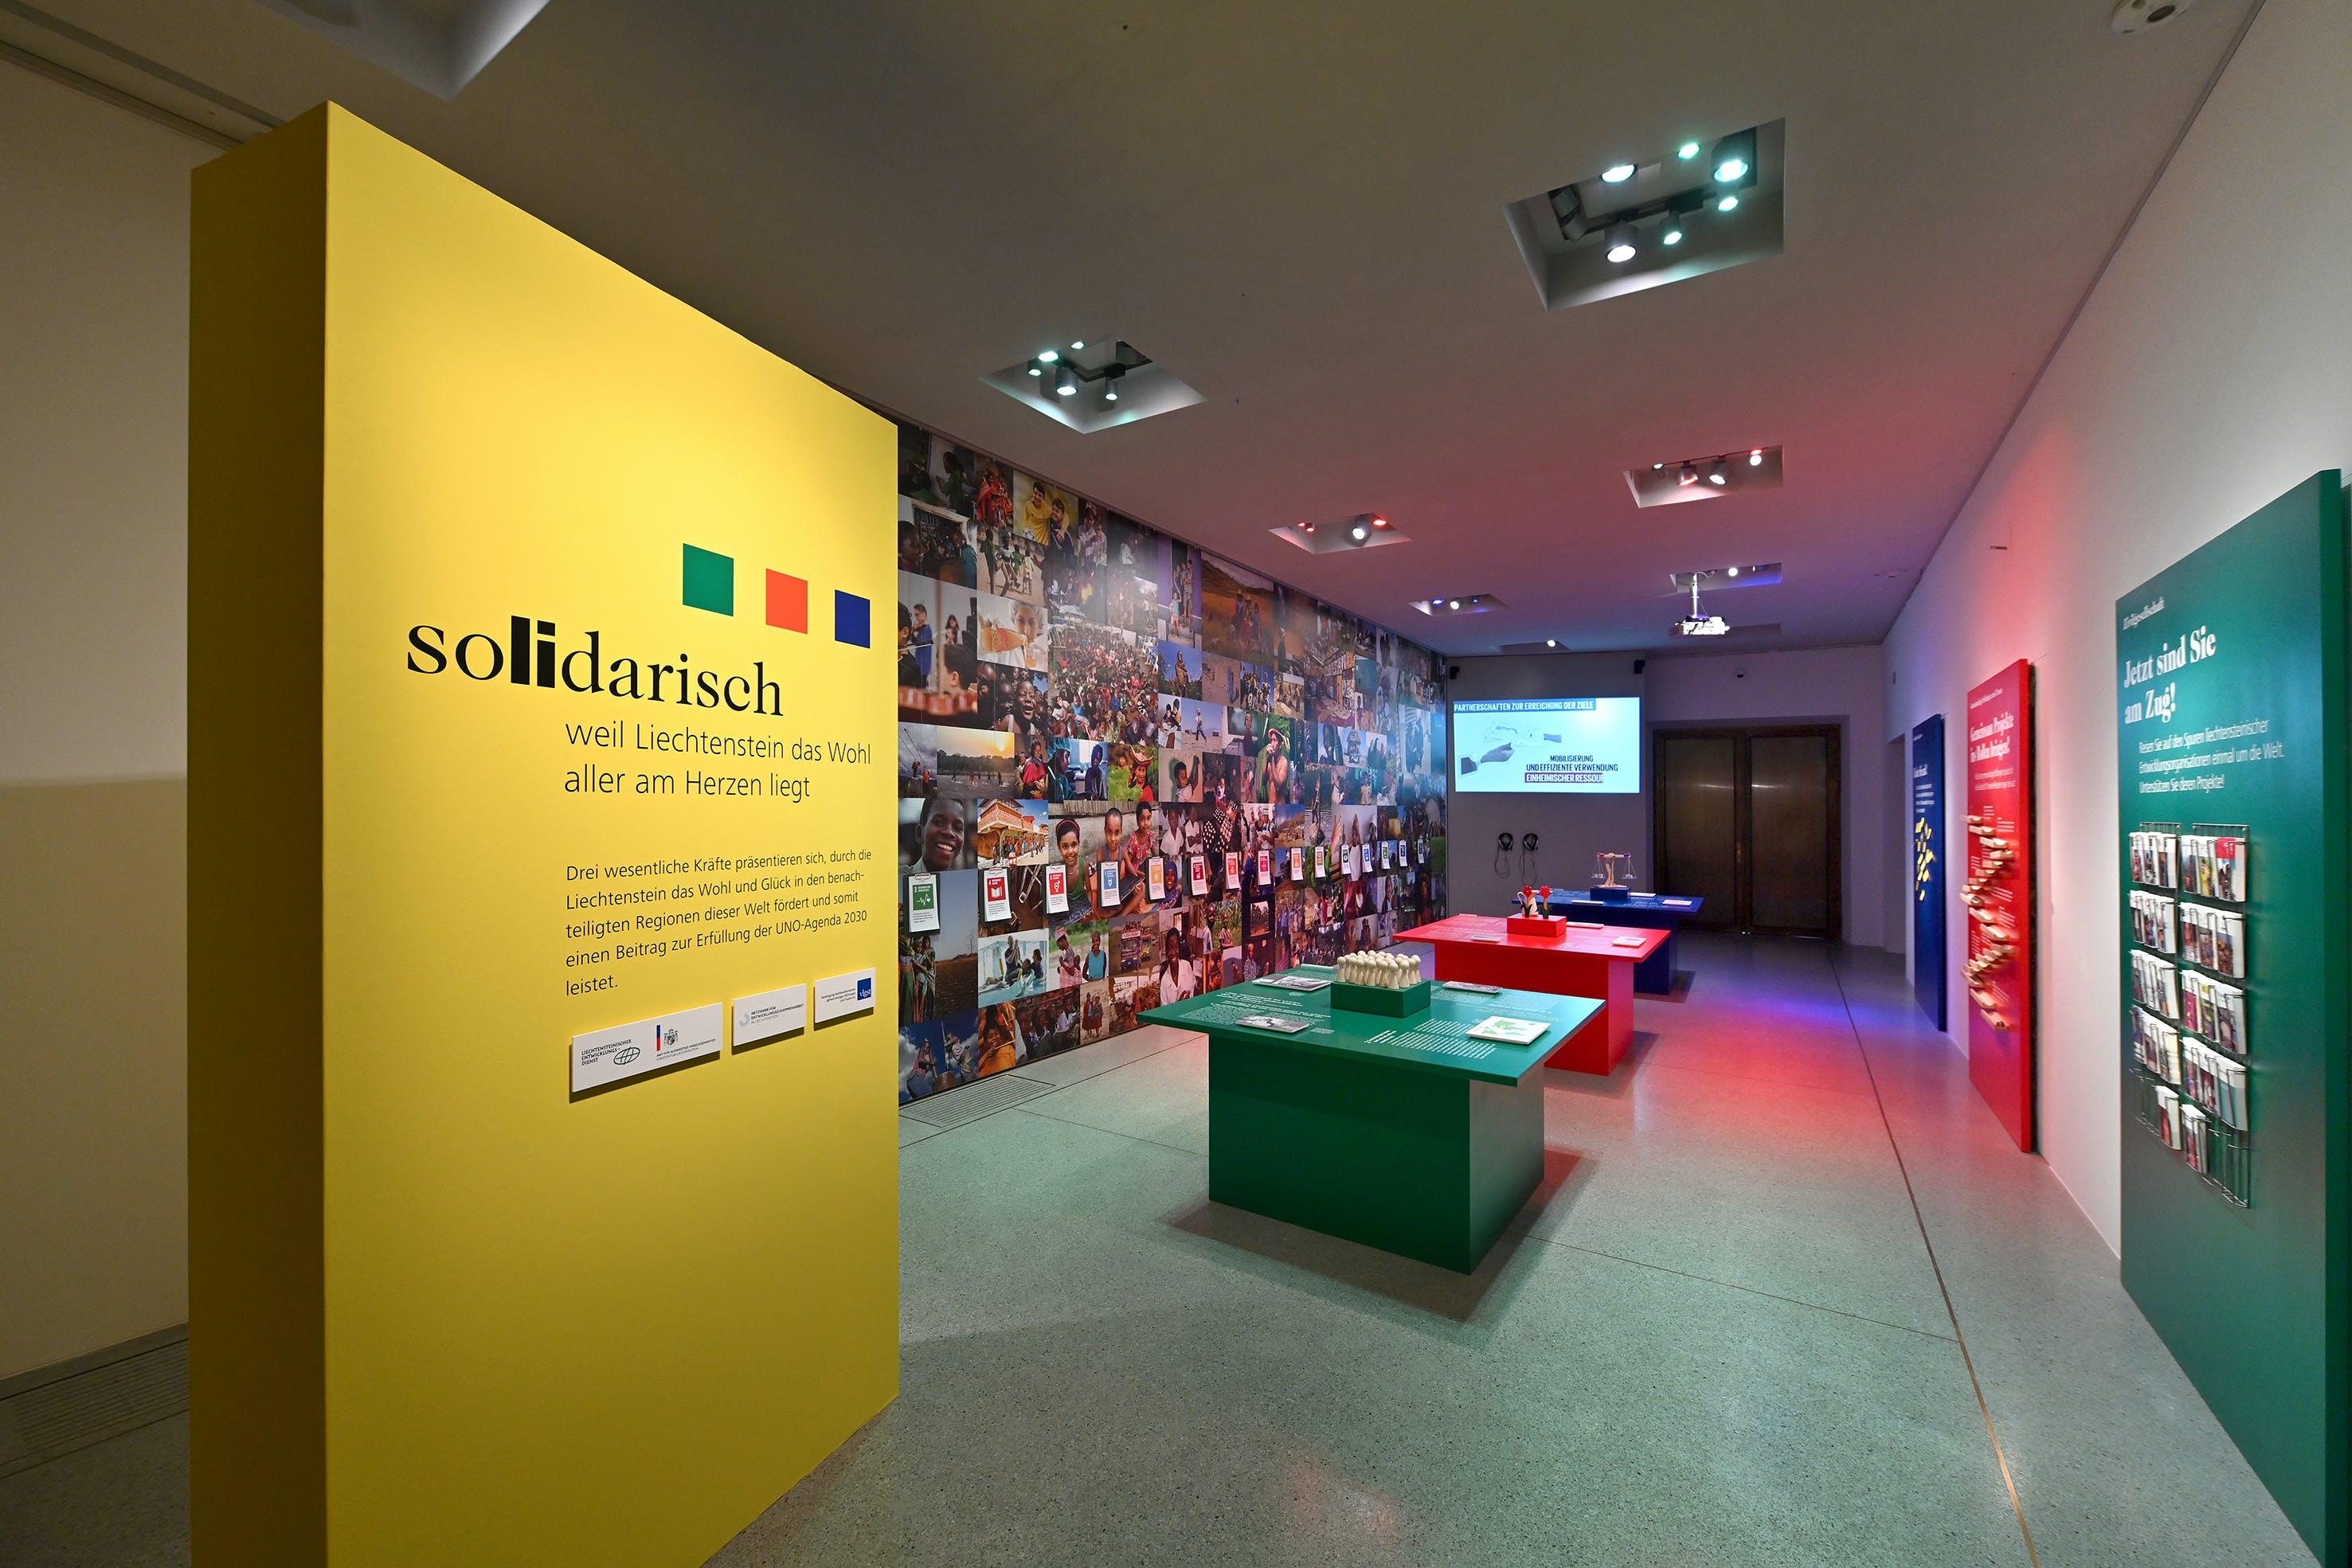 """Blick in die Ausstellung """"Global Happiness"""" mit Zusatzausstellung «solidarisch – weil Liechtenstein das Wohl aller am Herzen liegt»"""